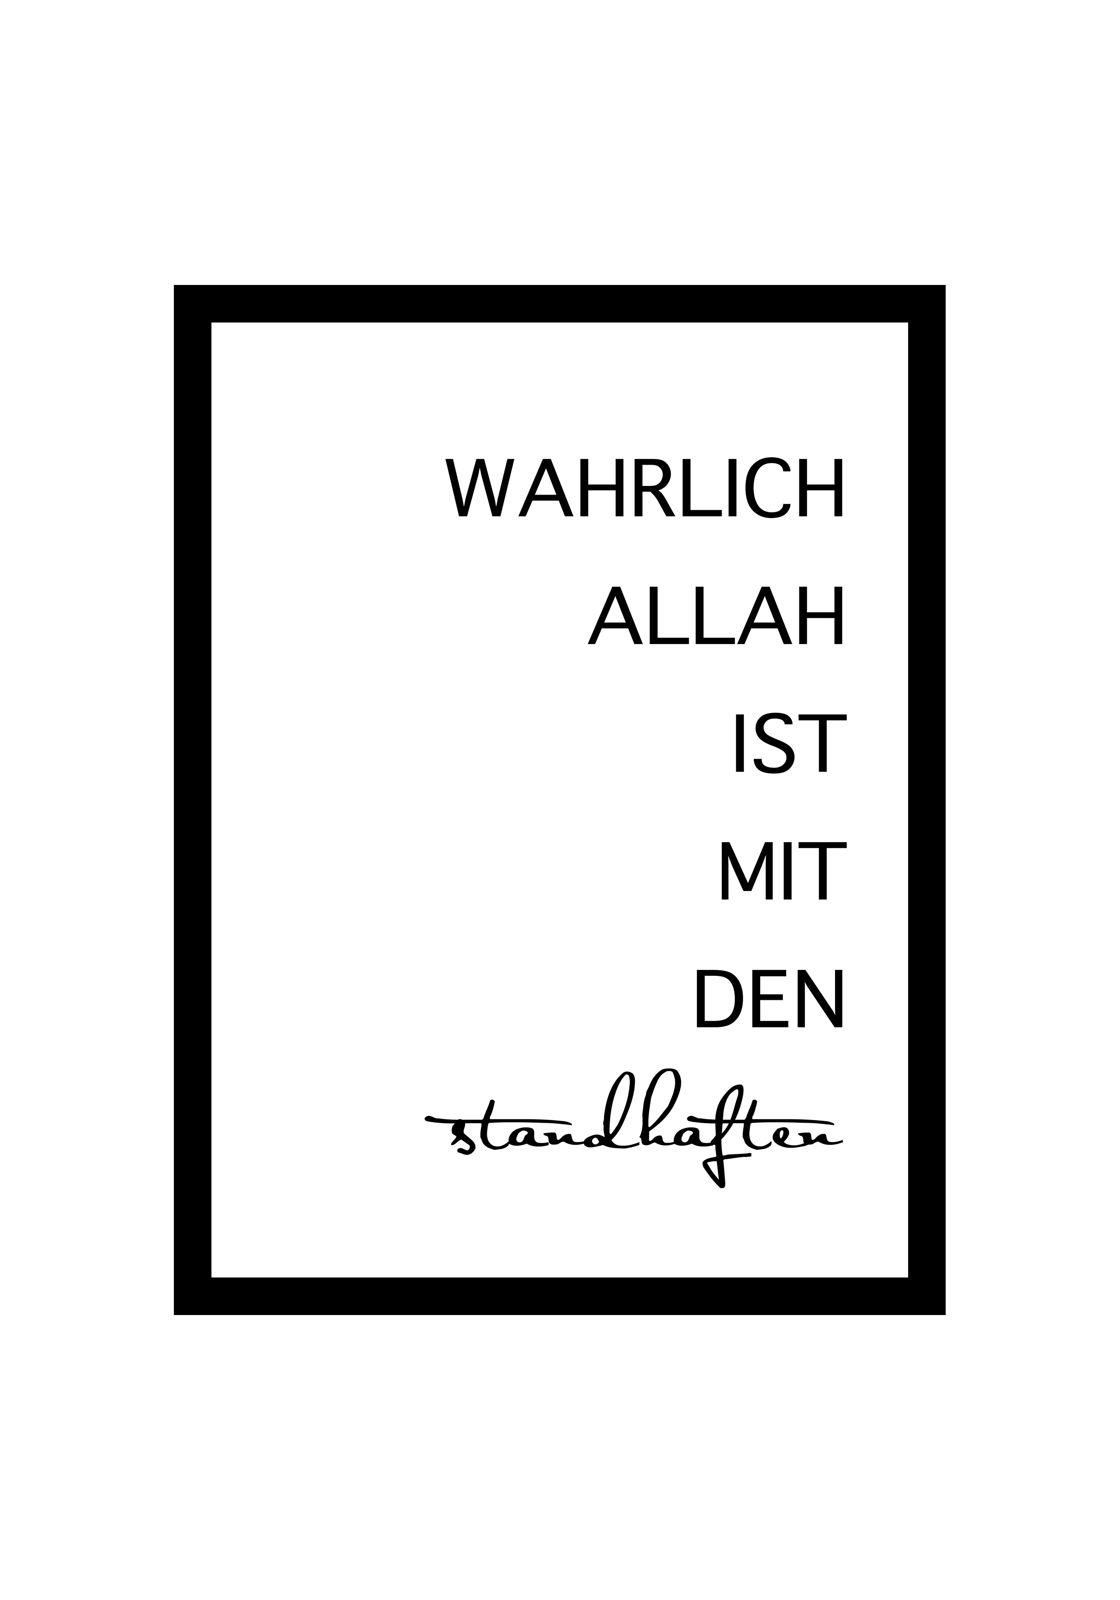 Wahrlich Allah ist mit den standhaften_opt